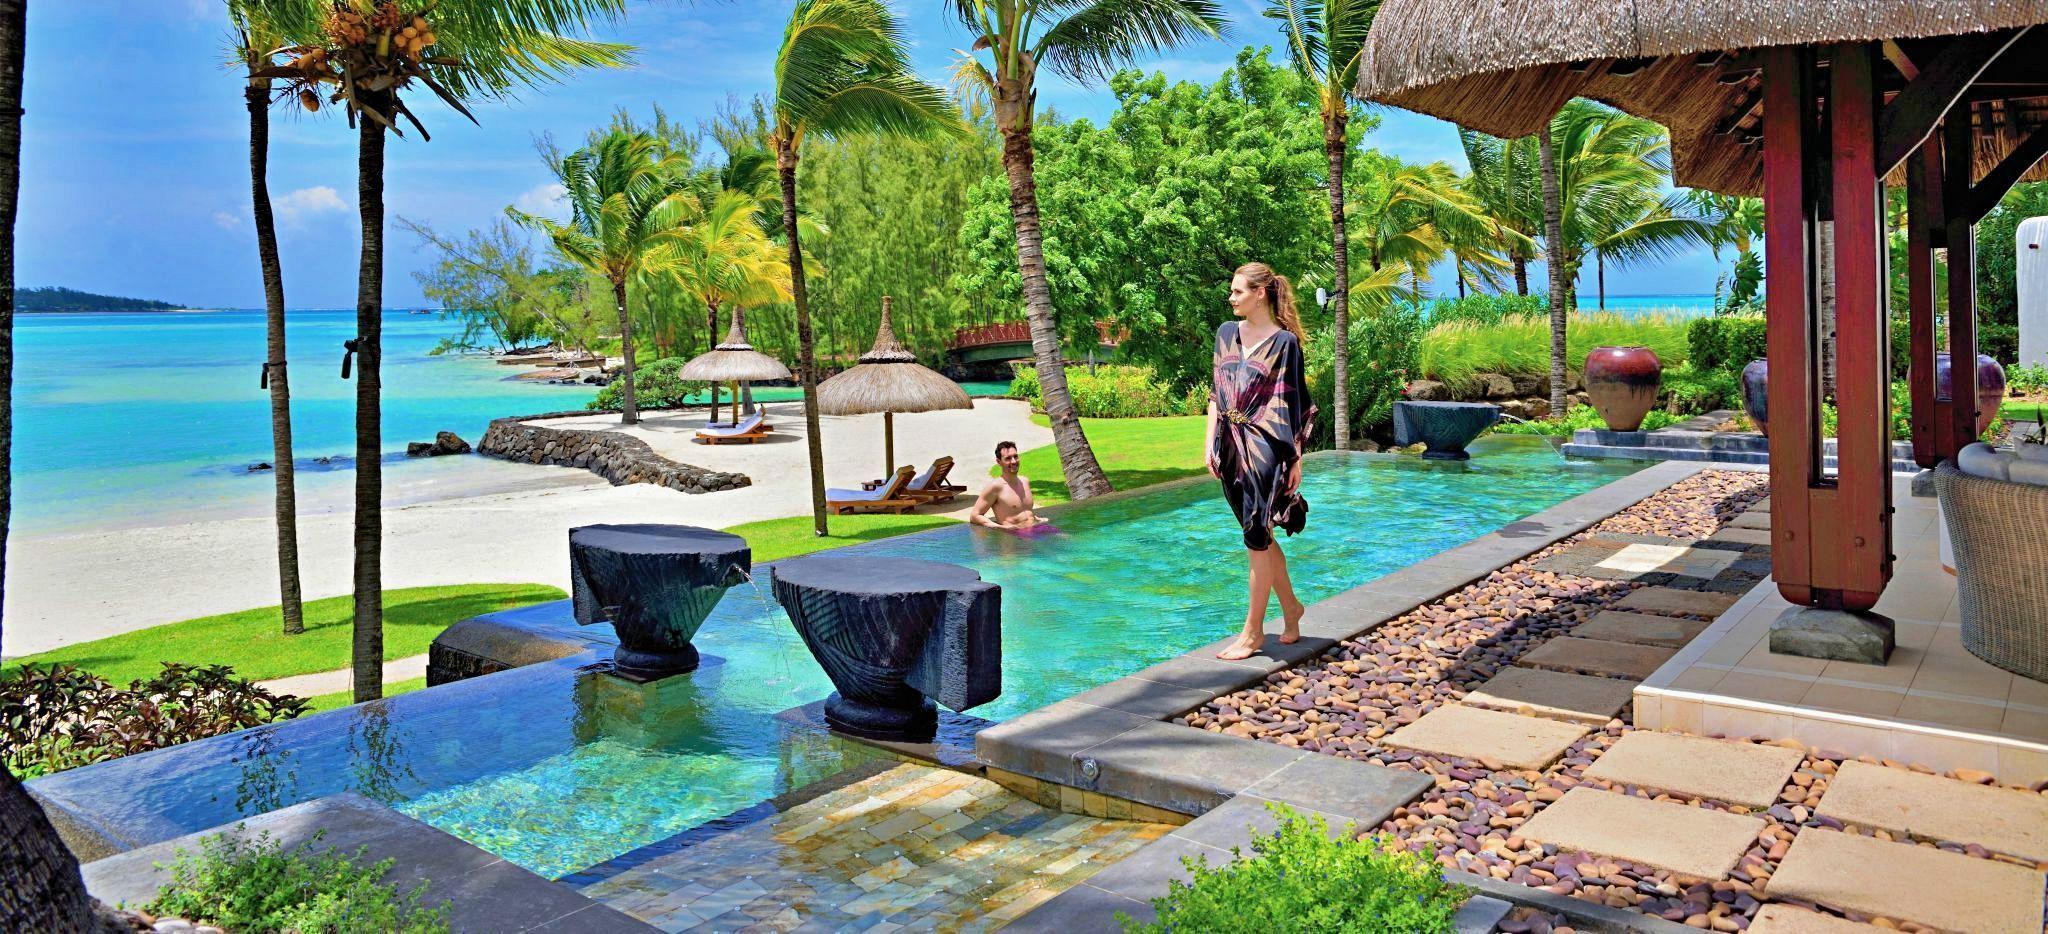 Ein Mann entspannt in einem der Pools des Hotels Le Tousserok auf Mauritius